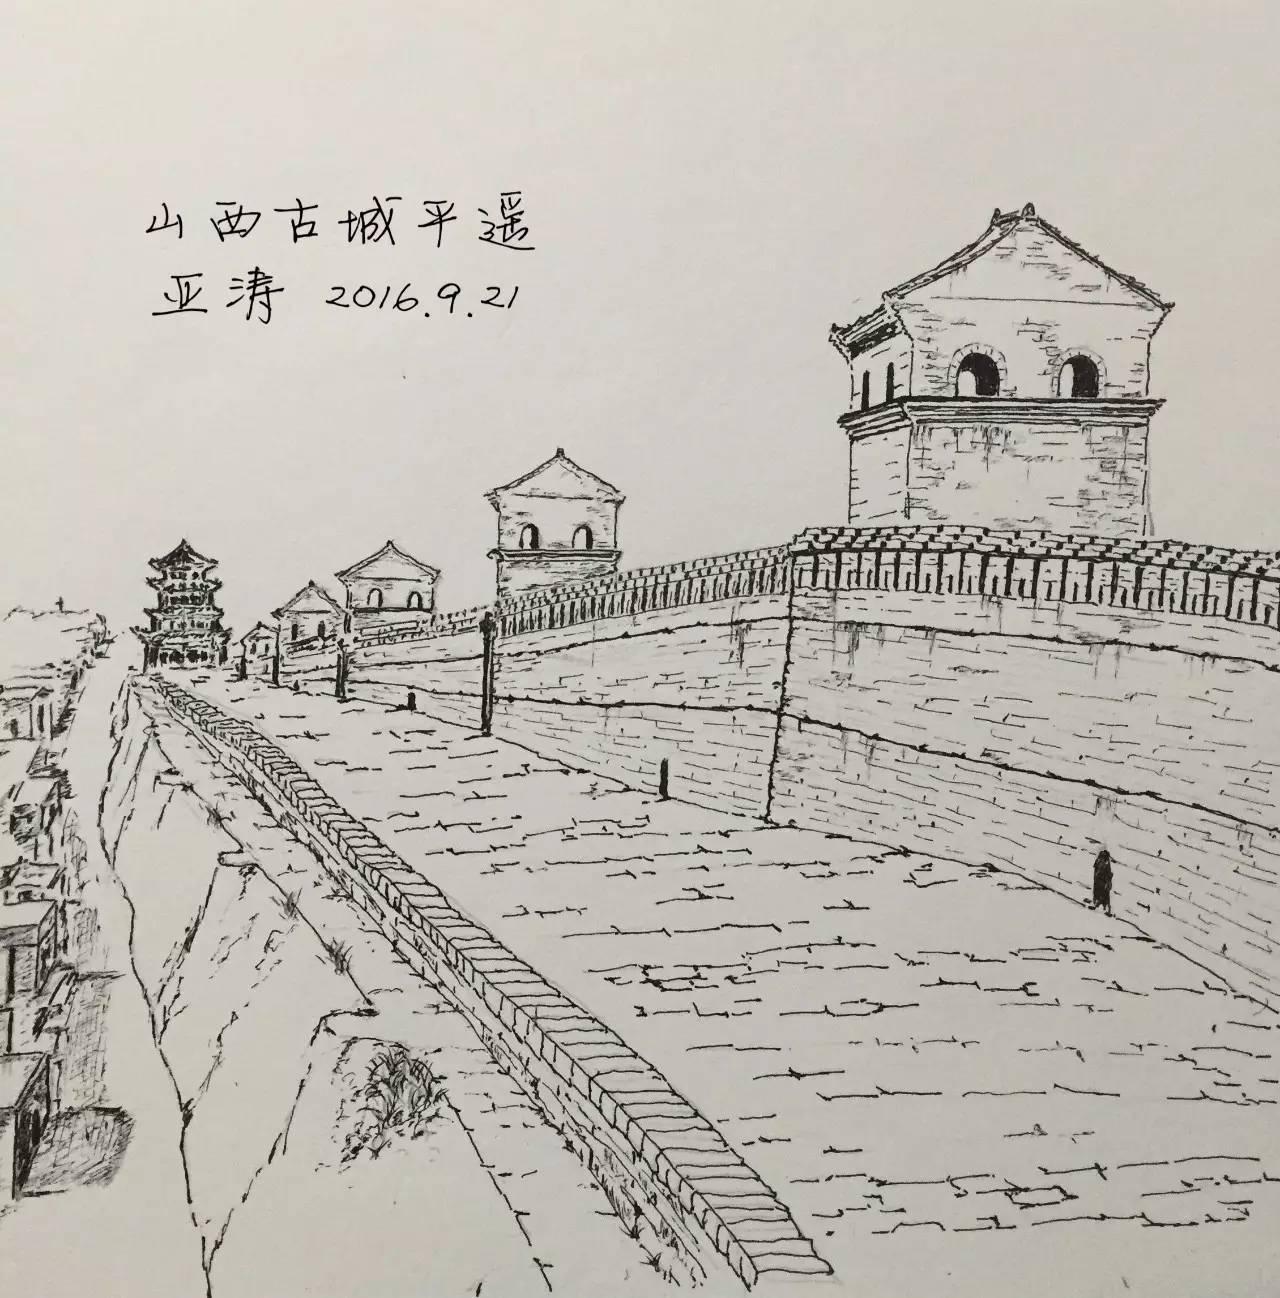 【山西游 ·壹】平遥古城图片